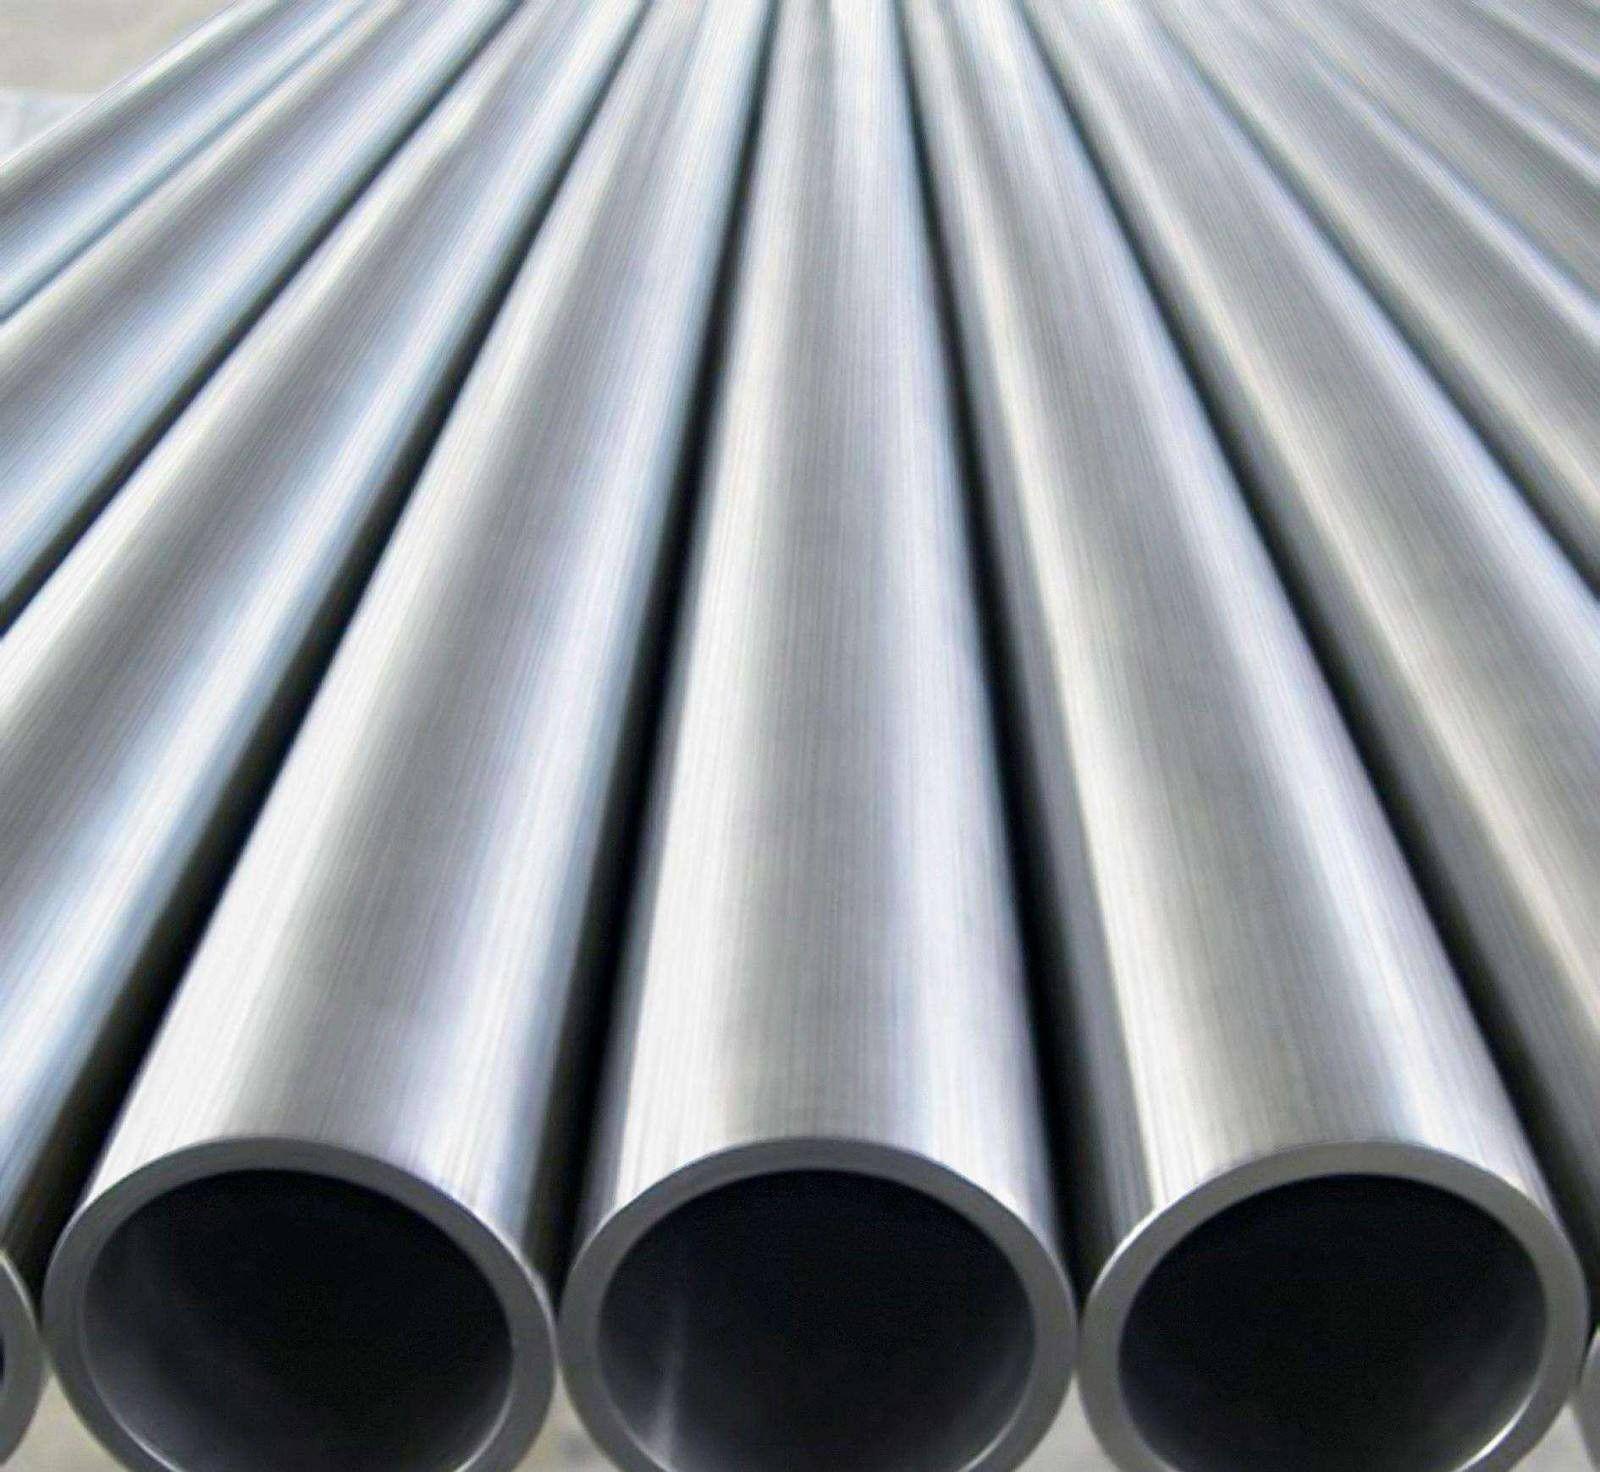 迪庆藏族自治州SA213T91合金钢管的需求进入了平台期